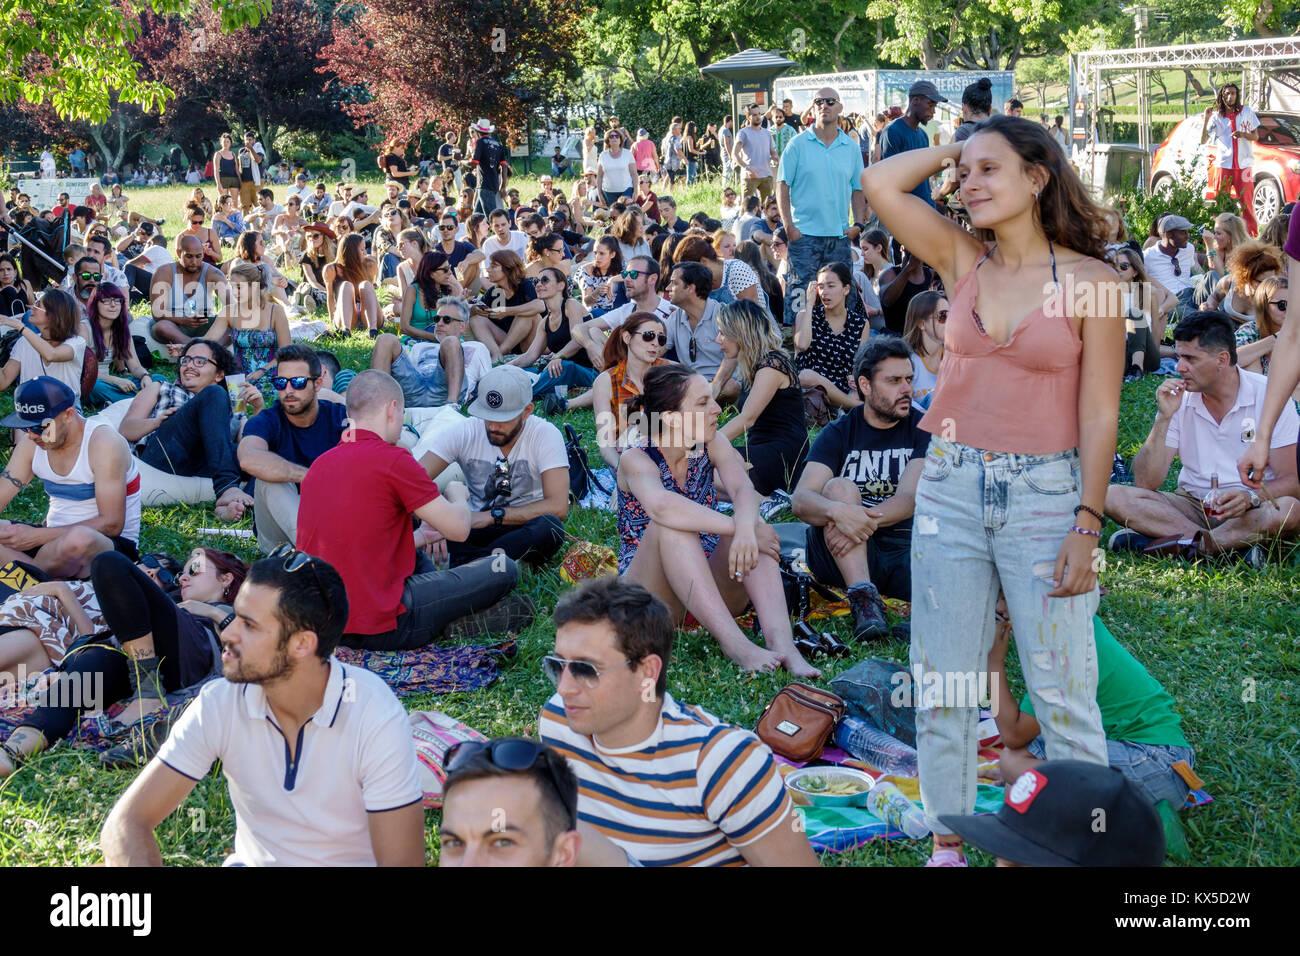 Lisbon Portugal Praca do Marques de Pombal Eduardo VII Park Parque public park Out Jazz summer festival free concert - Stock Image